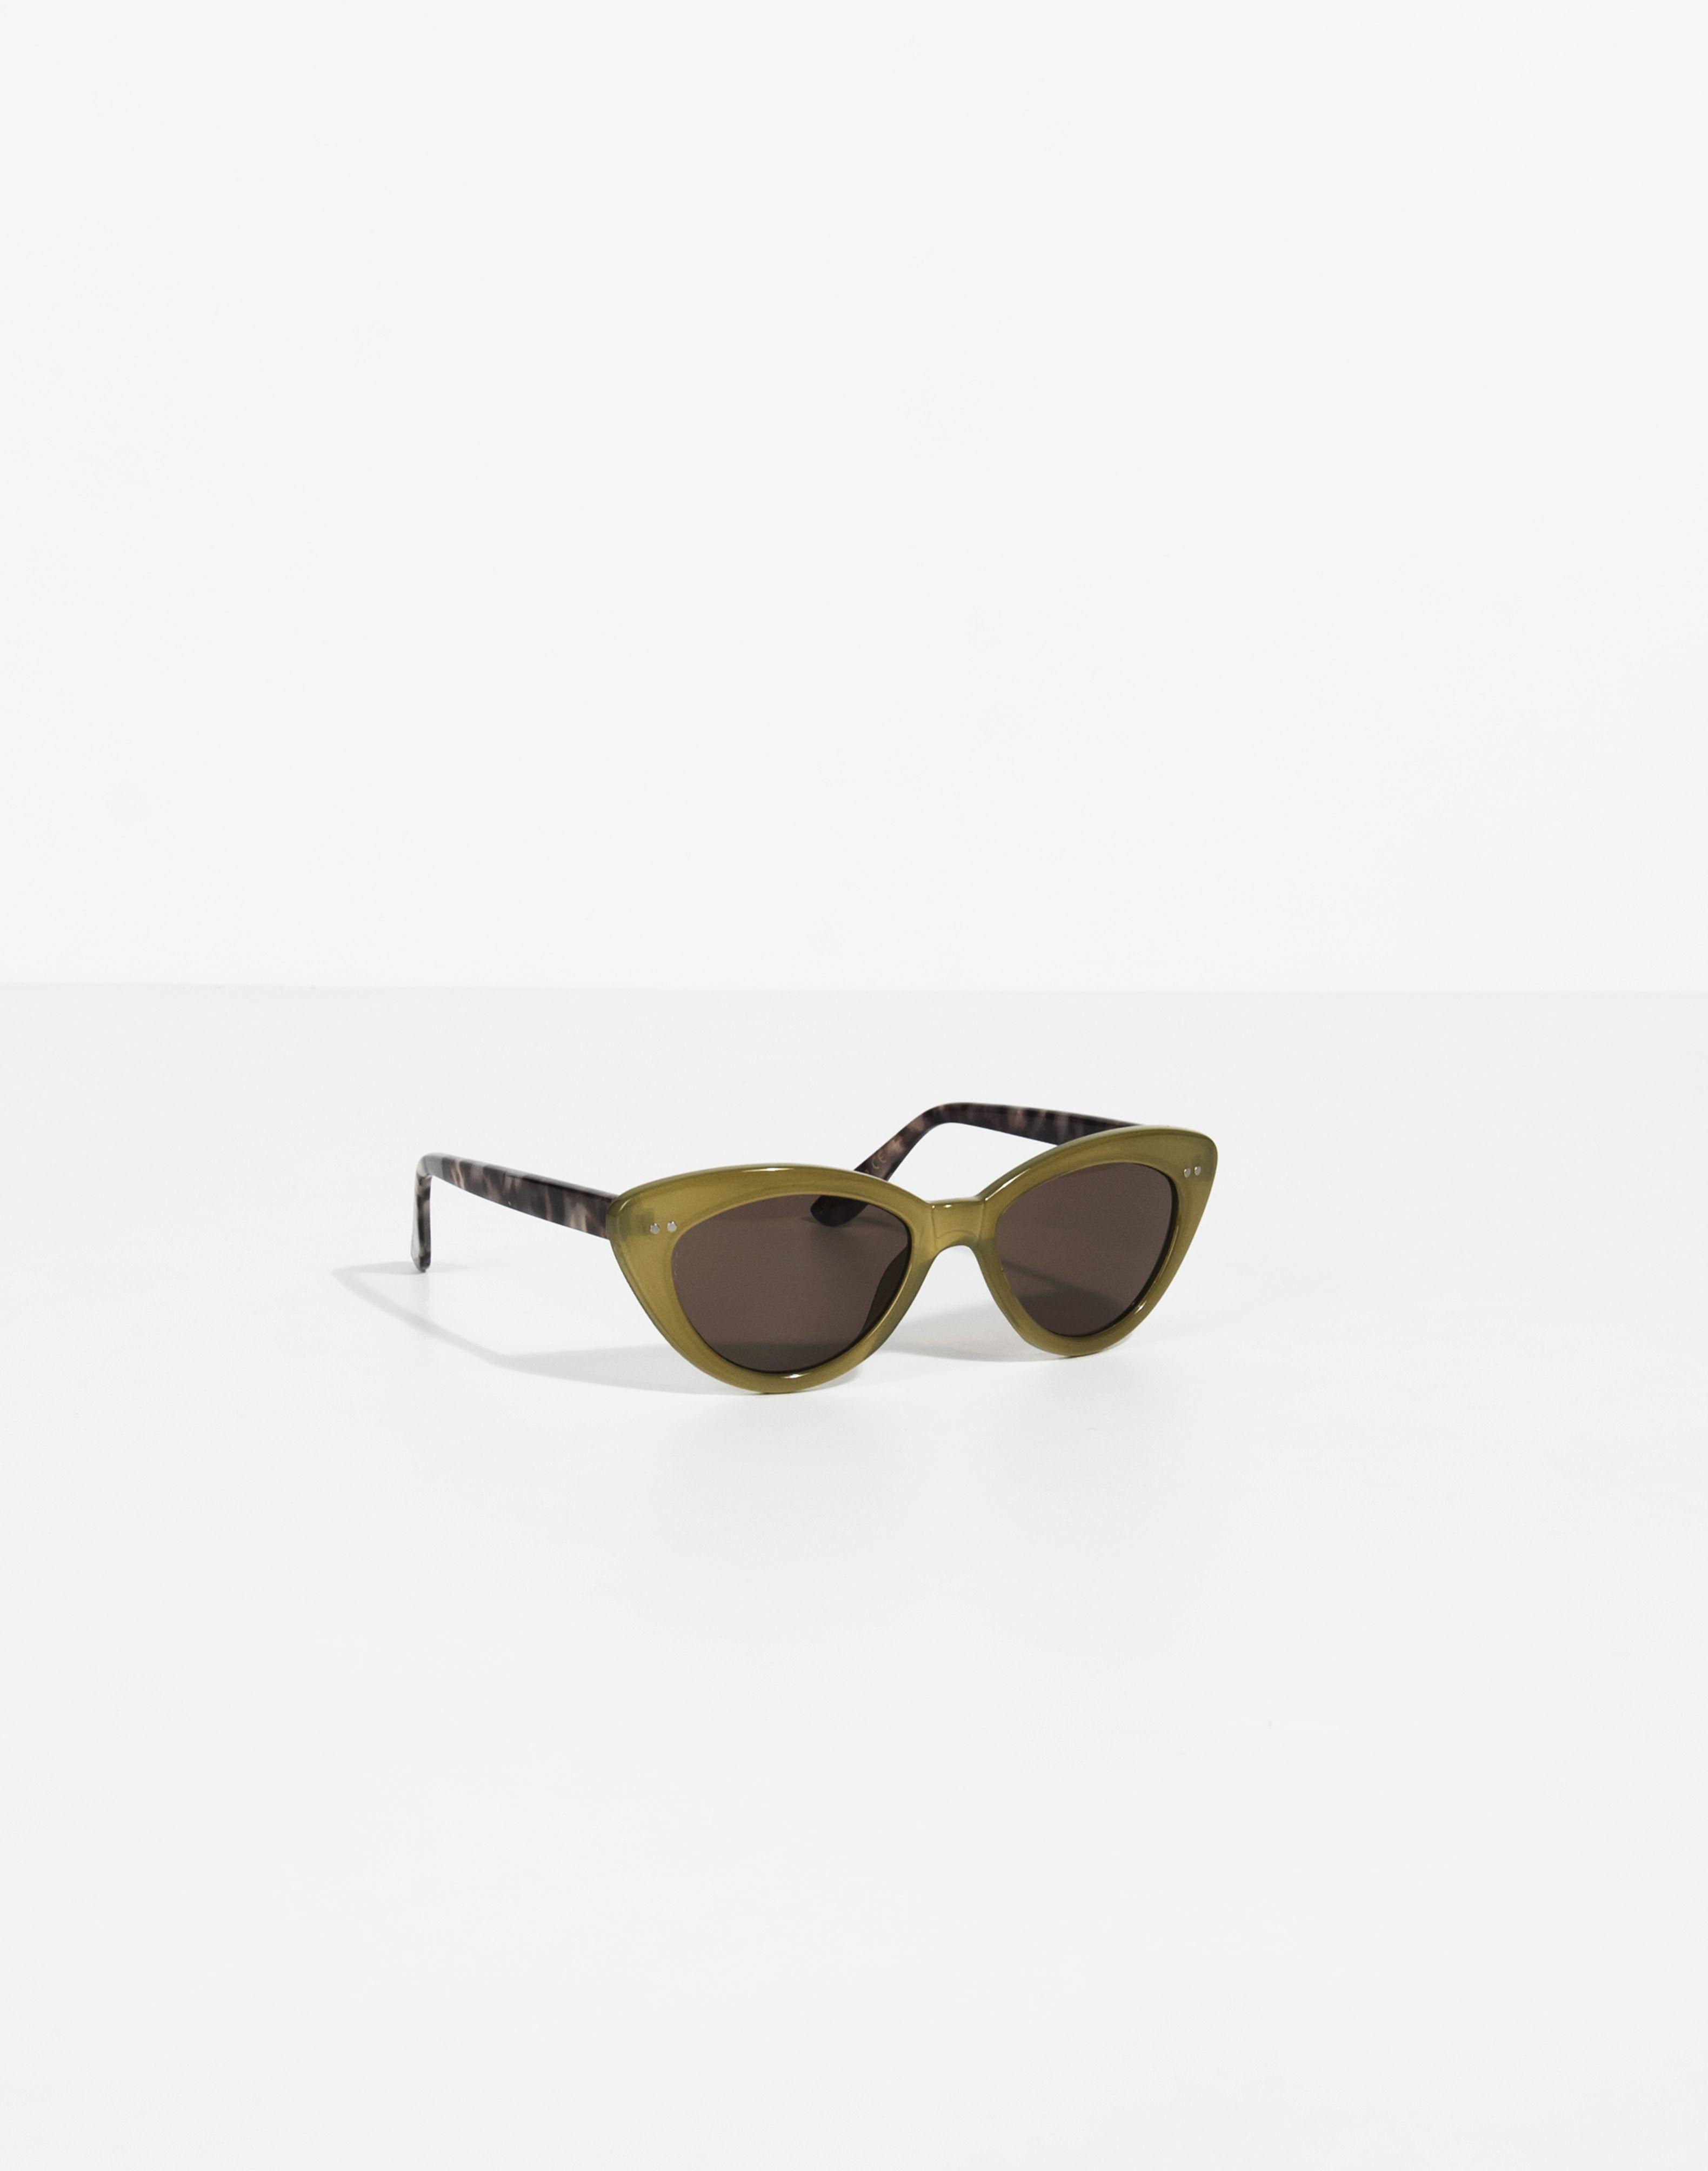 Retro De RetroParfois Gafas SunglassesFrom Sol PXO8wn0k